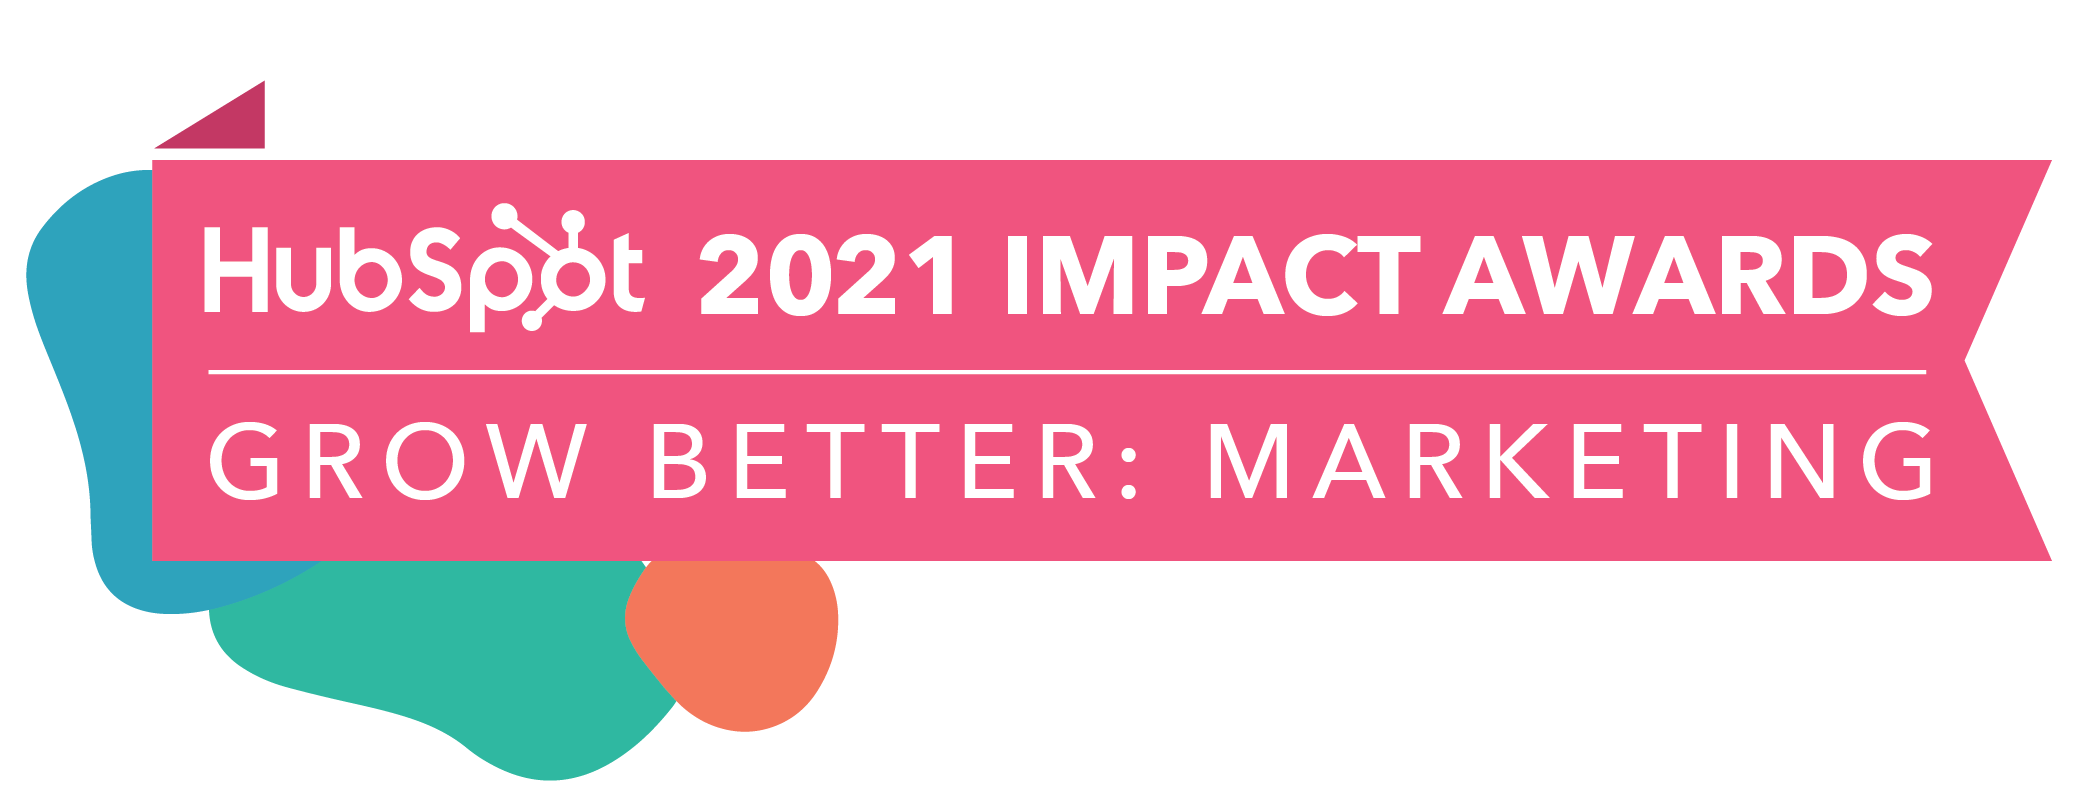 HubSpot_ImpactAwards_2021_GBMarketing3